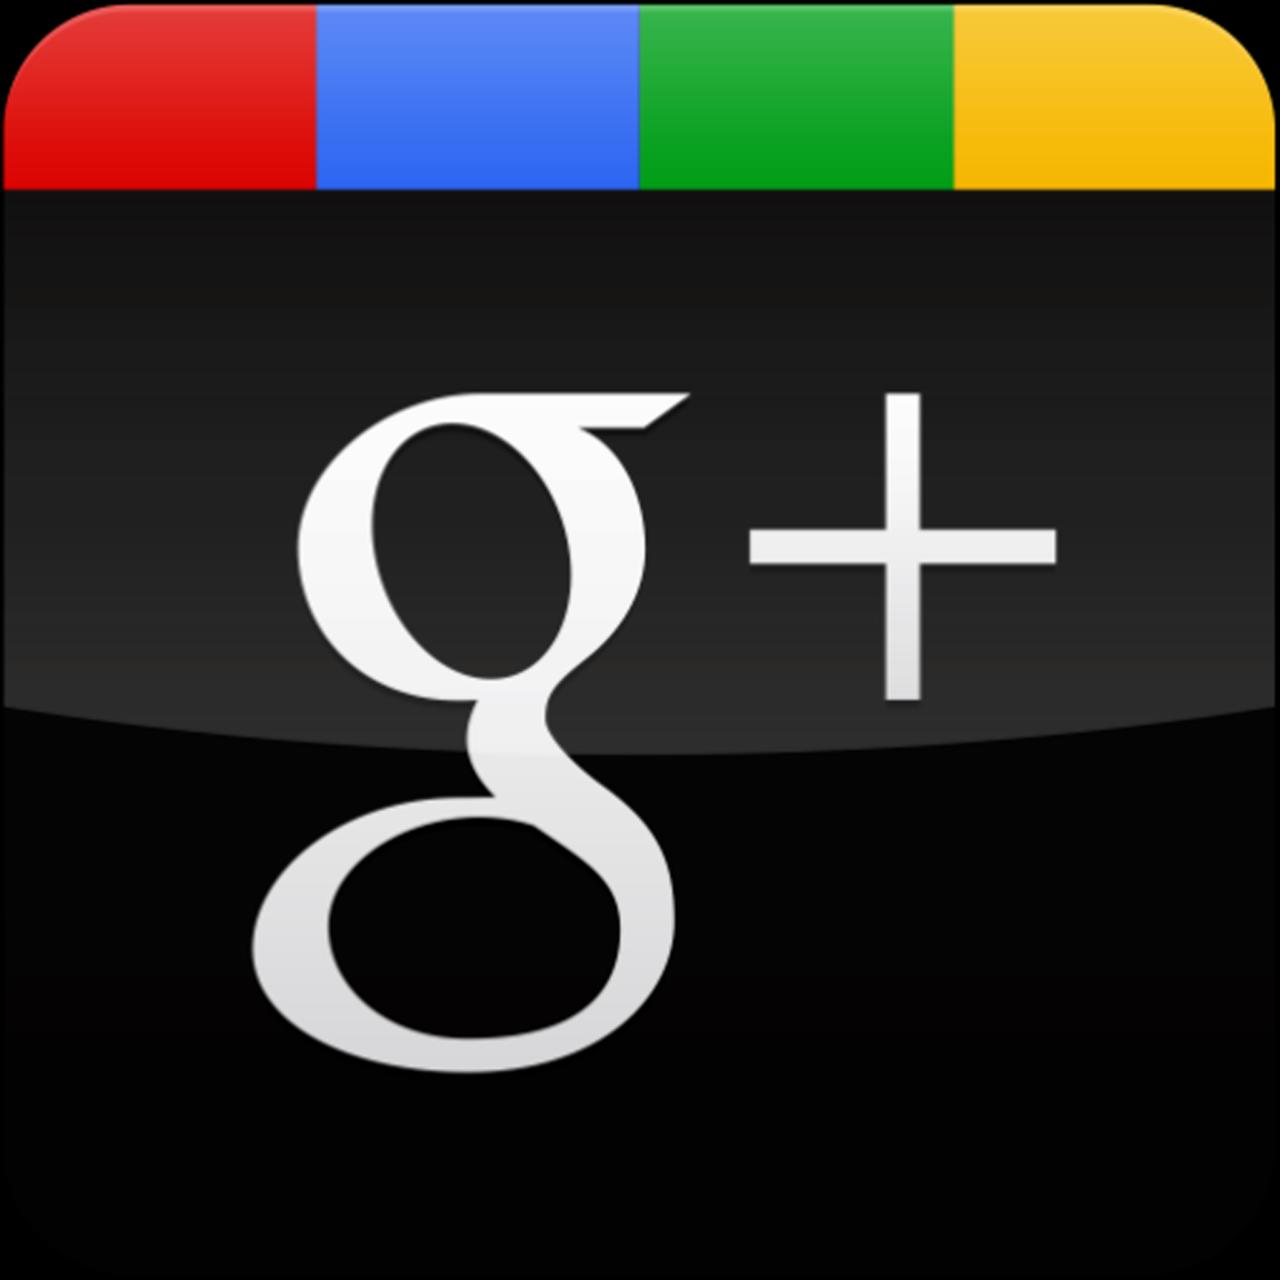 20 ottime ragioni per passare a Google Plus [INFOGRAFICA]